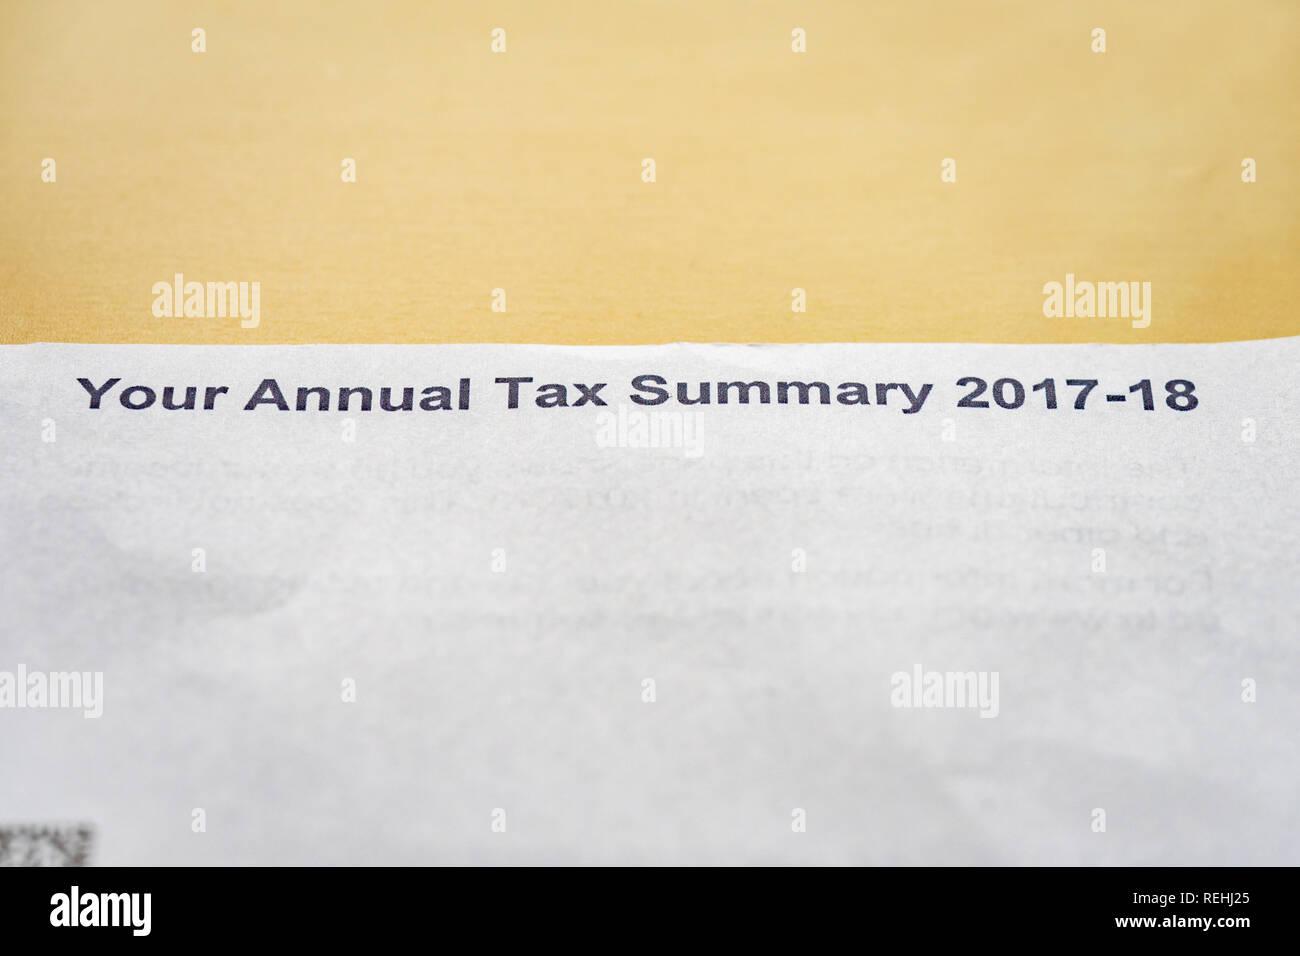 El HMRC impuesto anual Resumen 2017-18 Carta Imagen De Stock